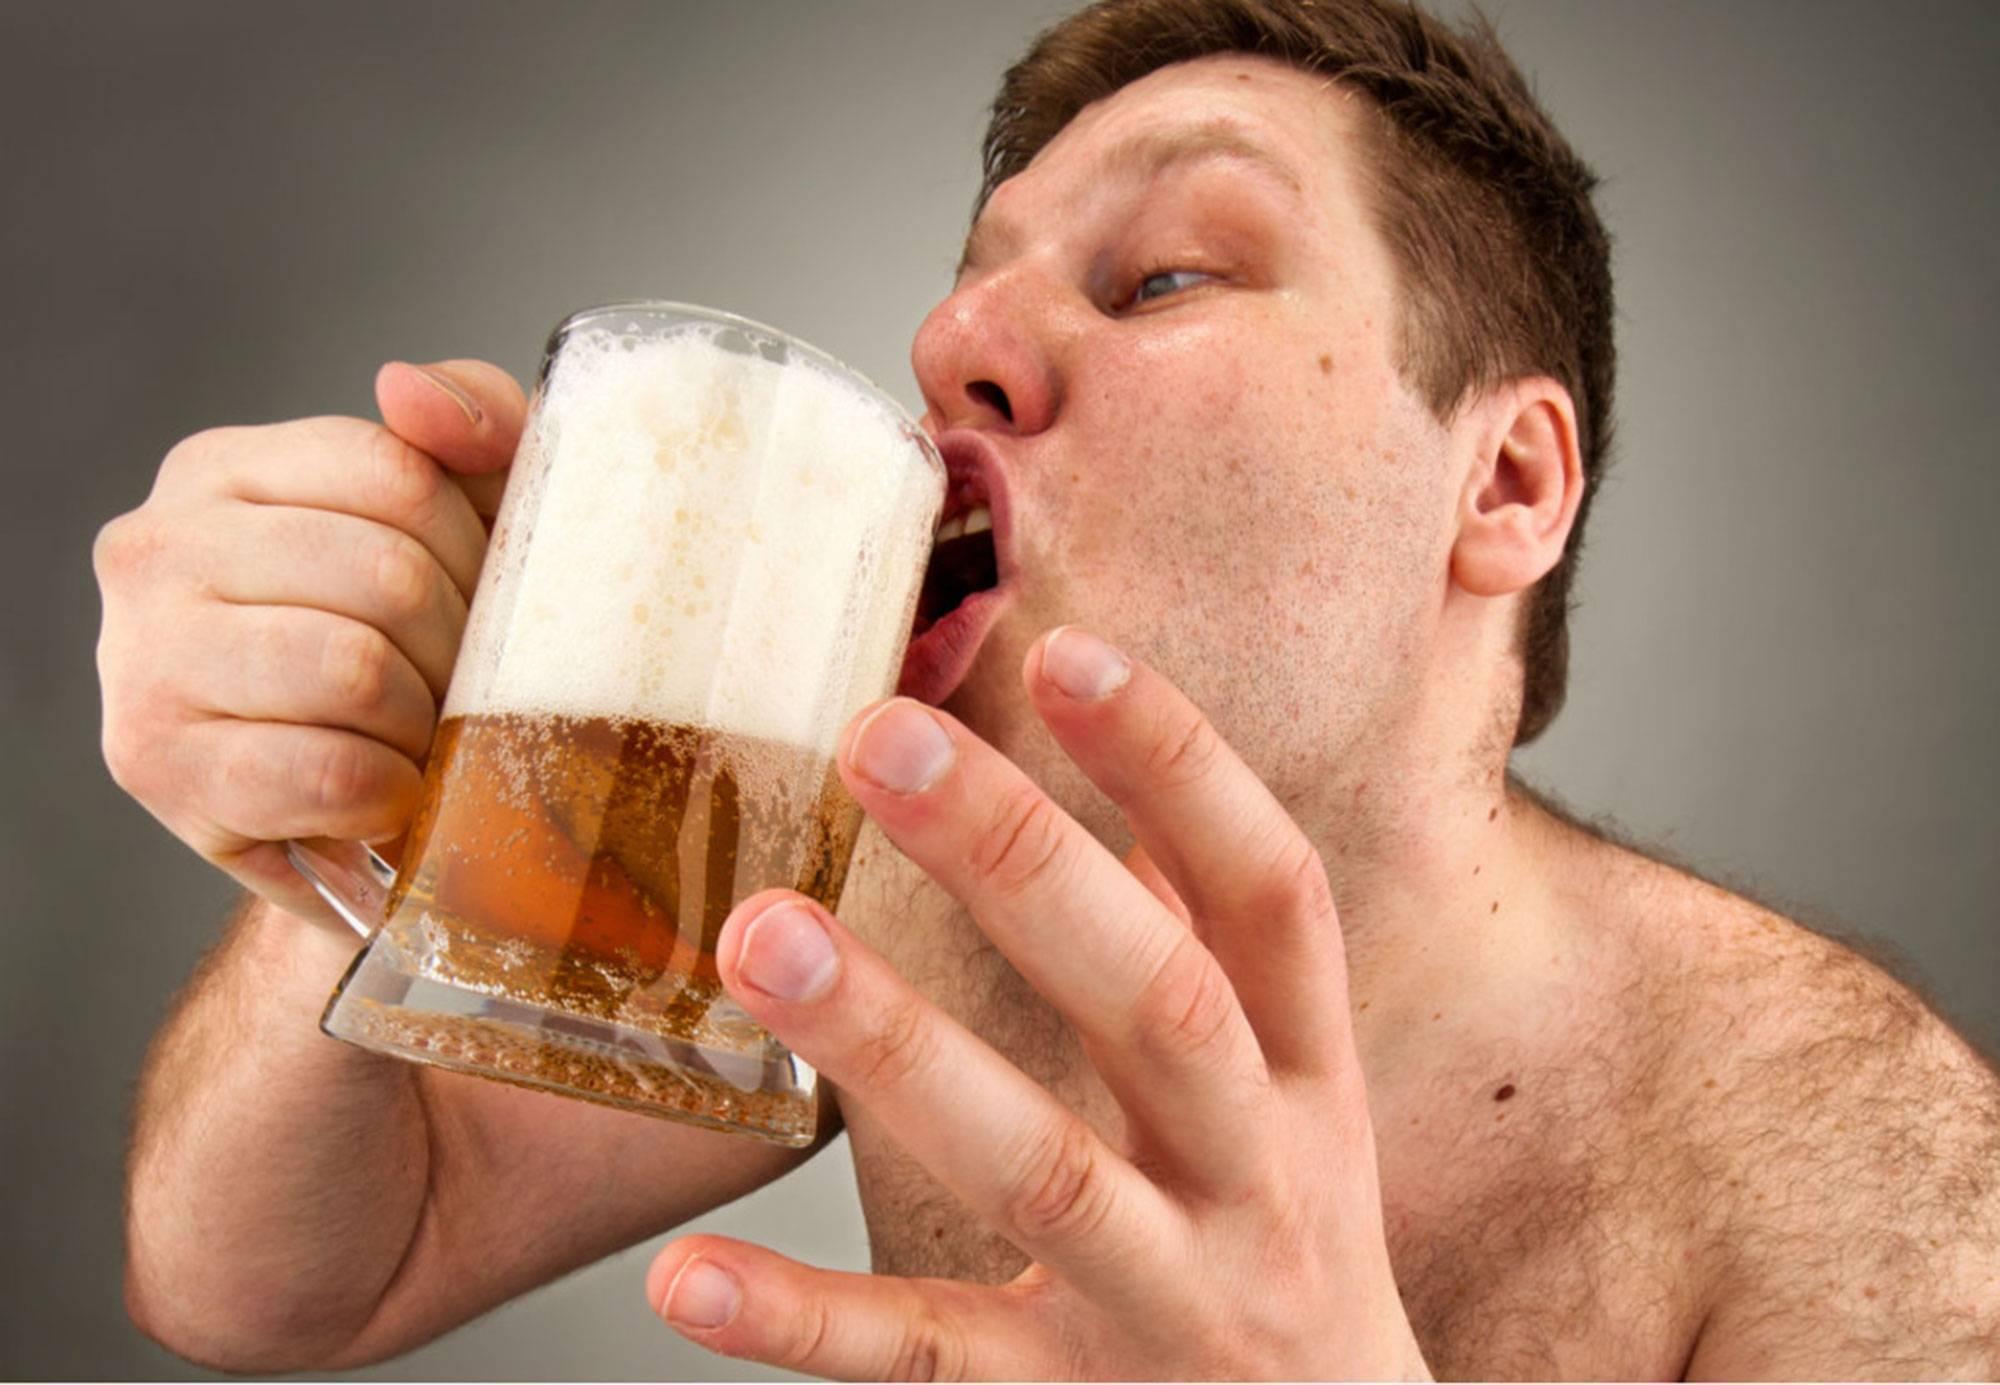 Пиво: чем вредно, есть ли польза от него